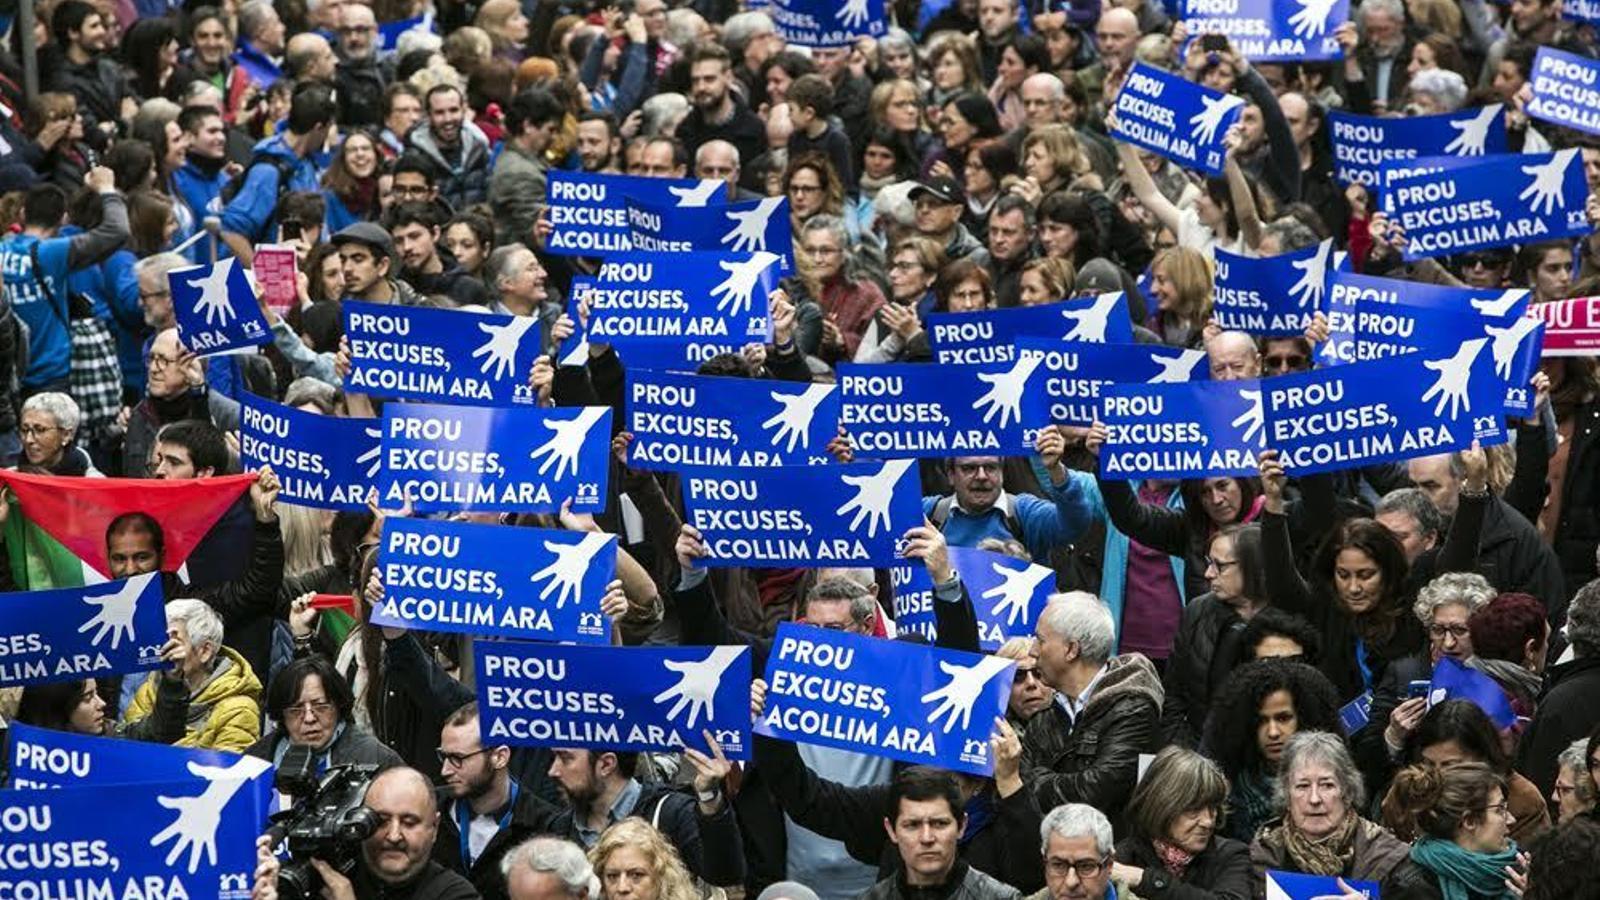 REFUGIADOS-UE II - Página 2 Milers-persones-manifesten-lacollida-refugiats_1744635727_38856088_651x366